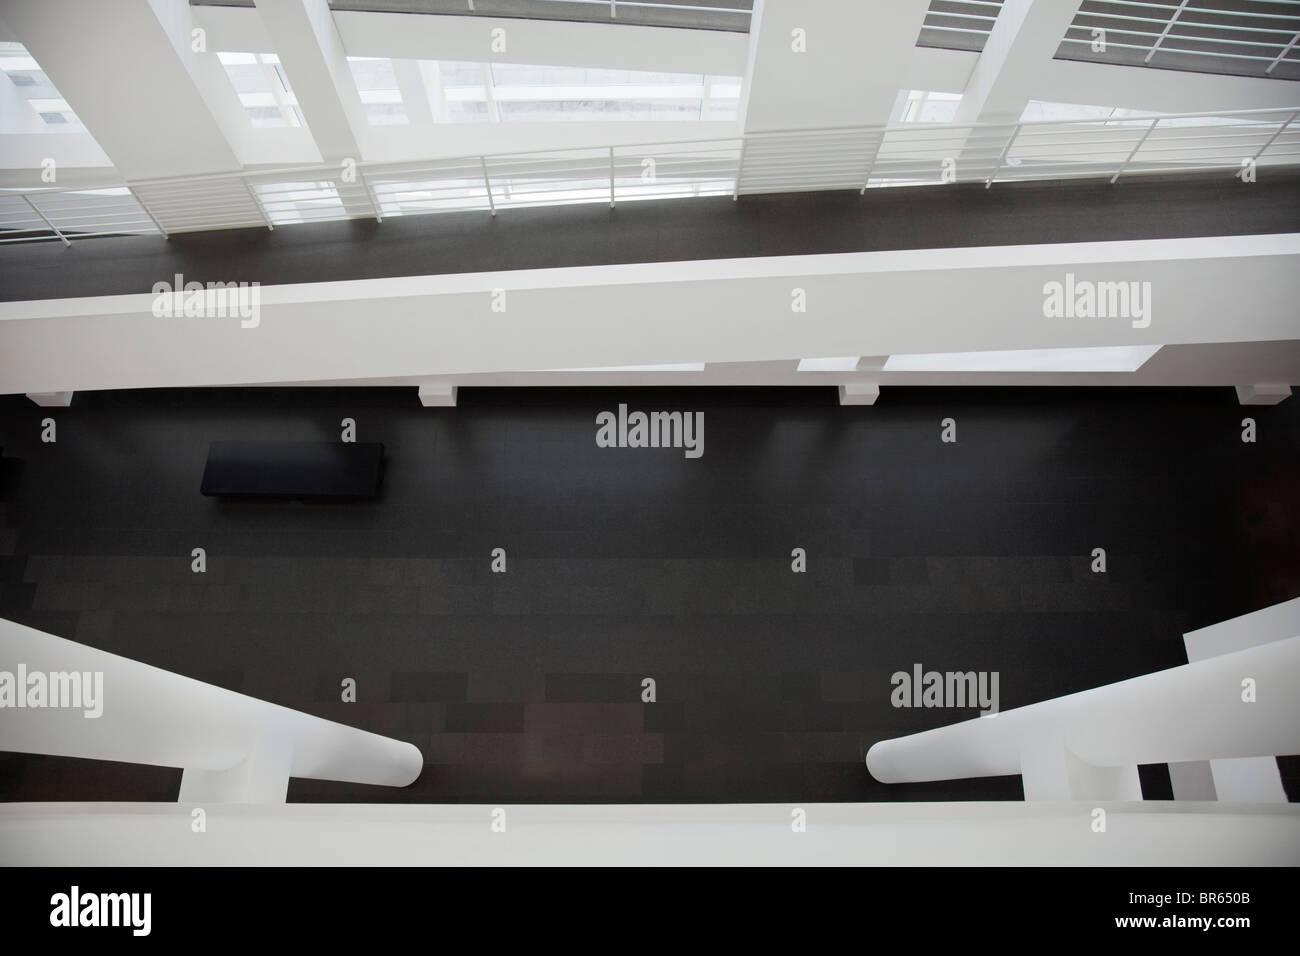 Minimalist interior stockfotos minimalist interior for Minimalistische einrichtung